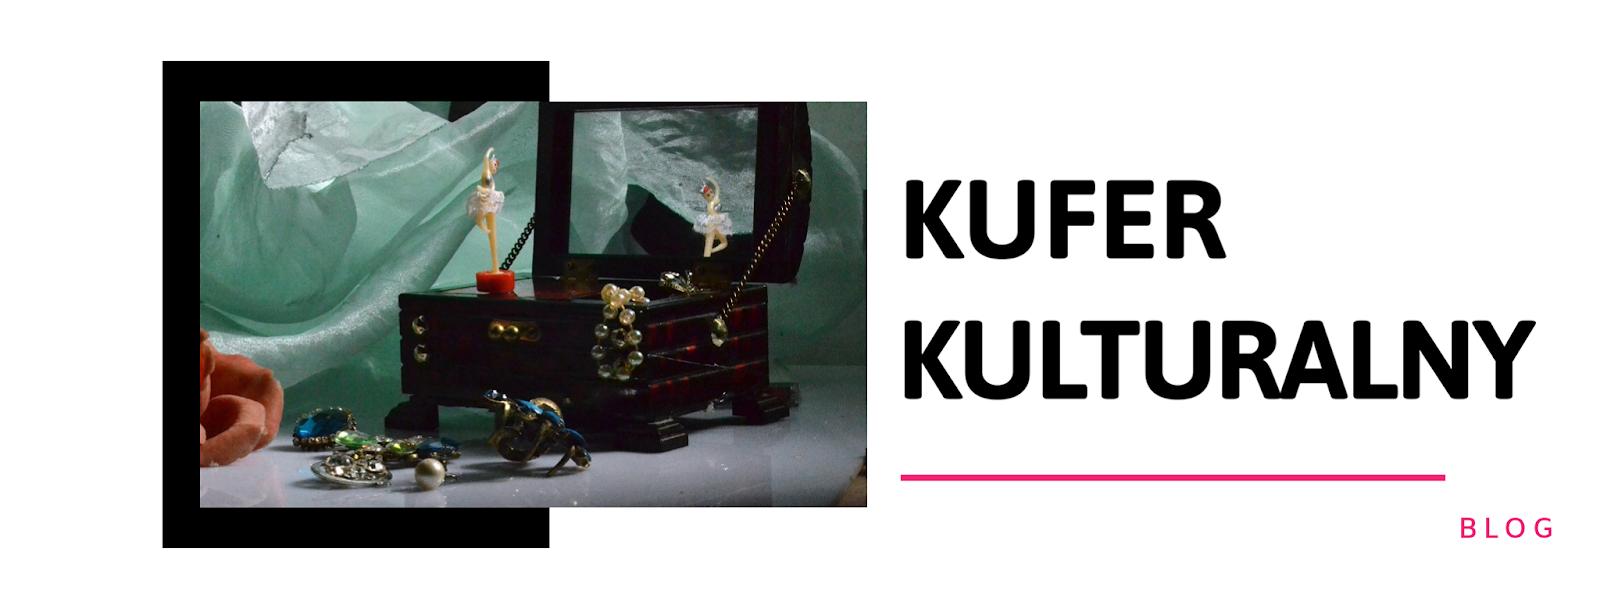 KUFER KULTURALNY